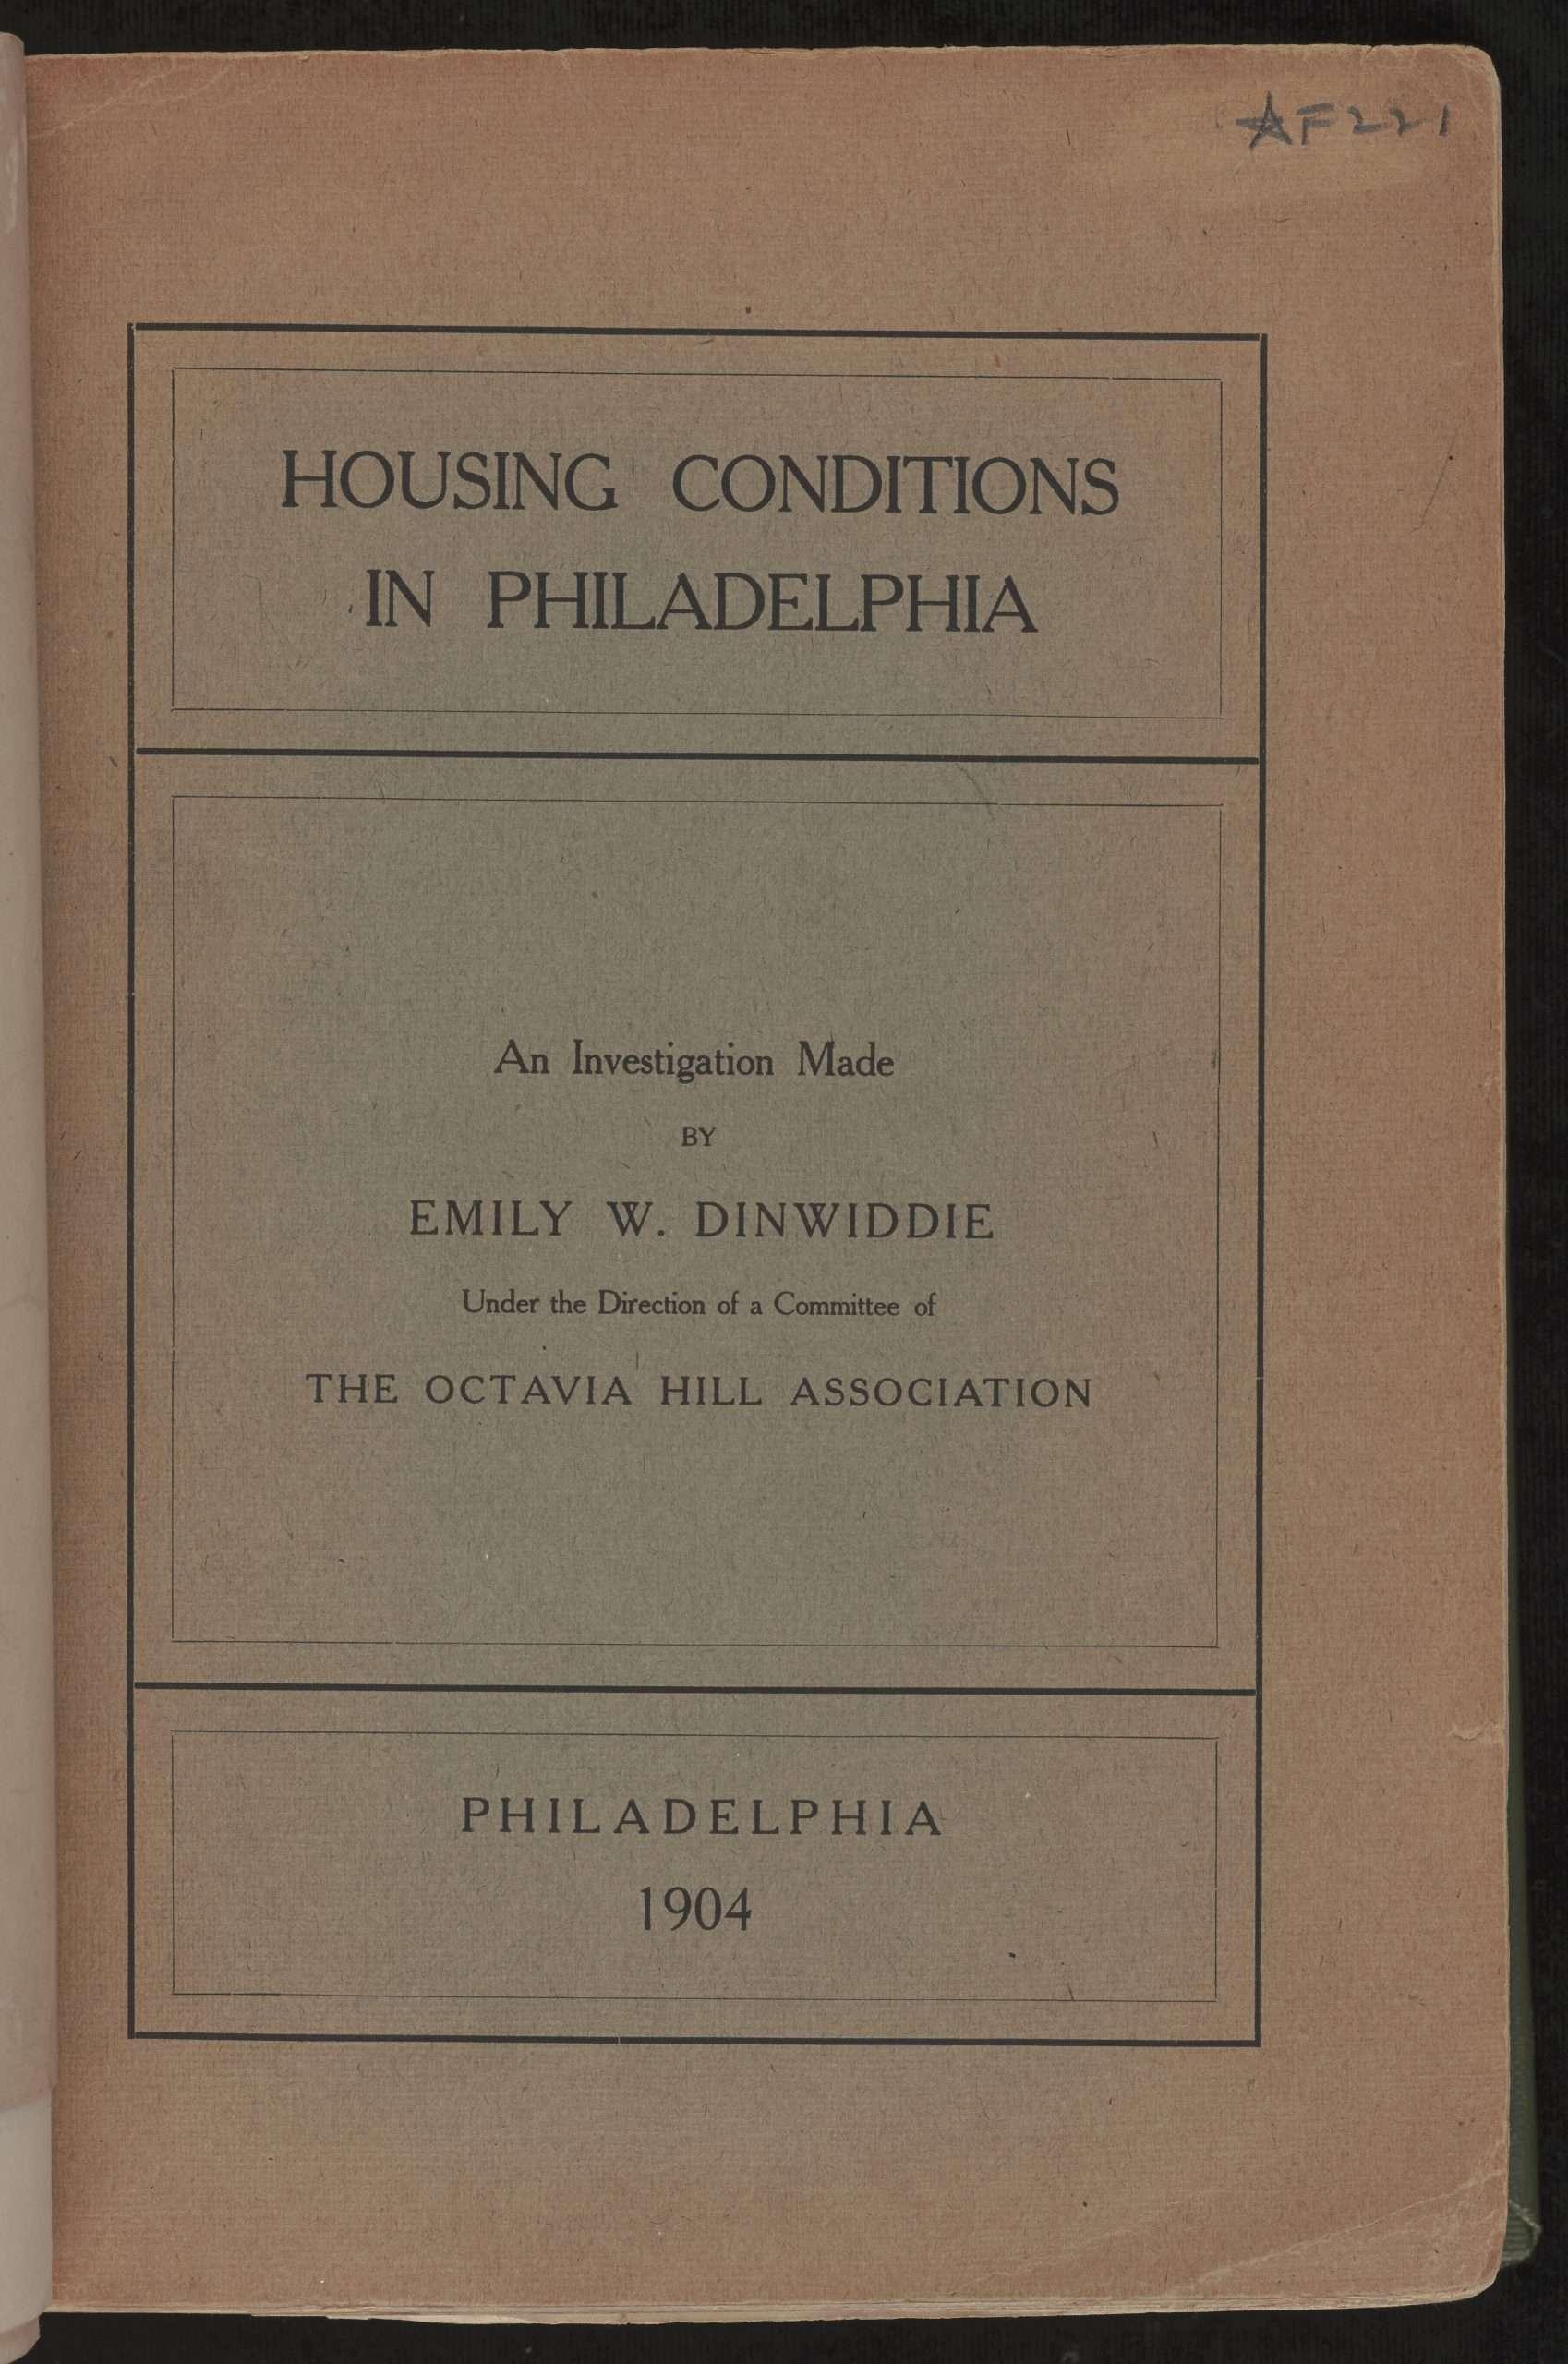 Housing Conditions in Philadelphia